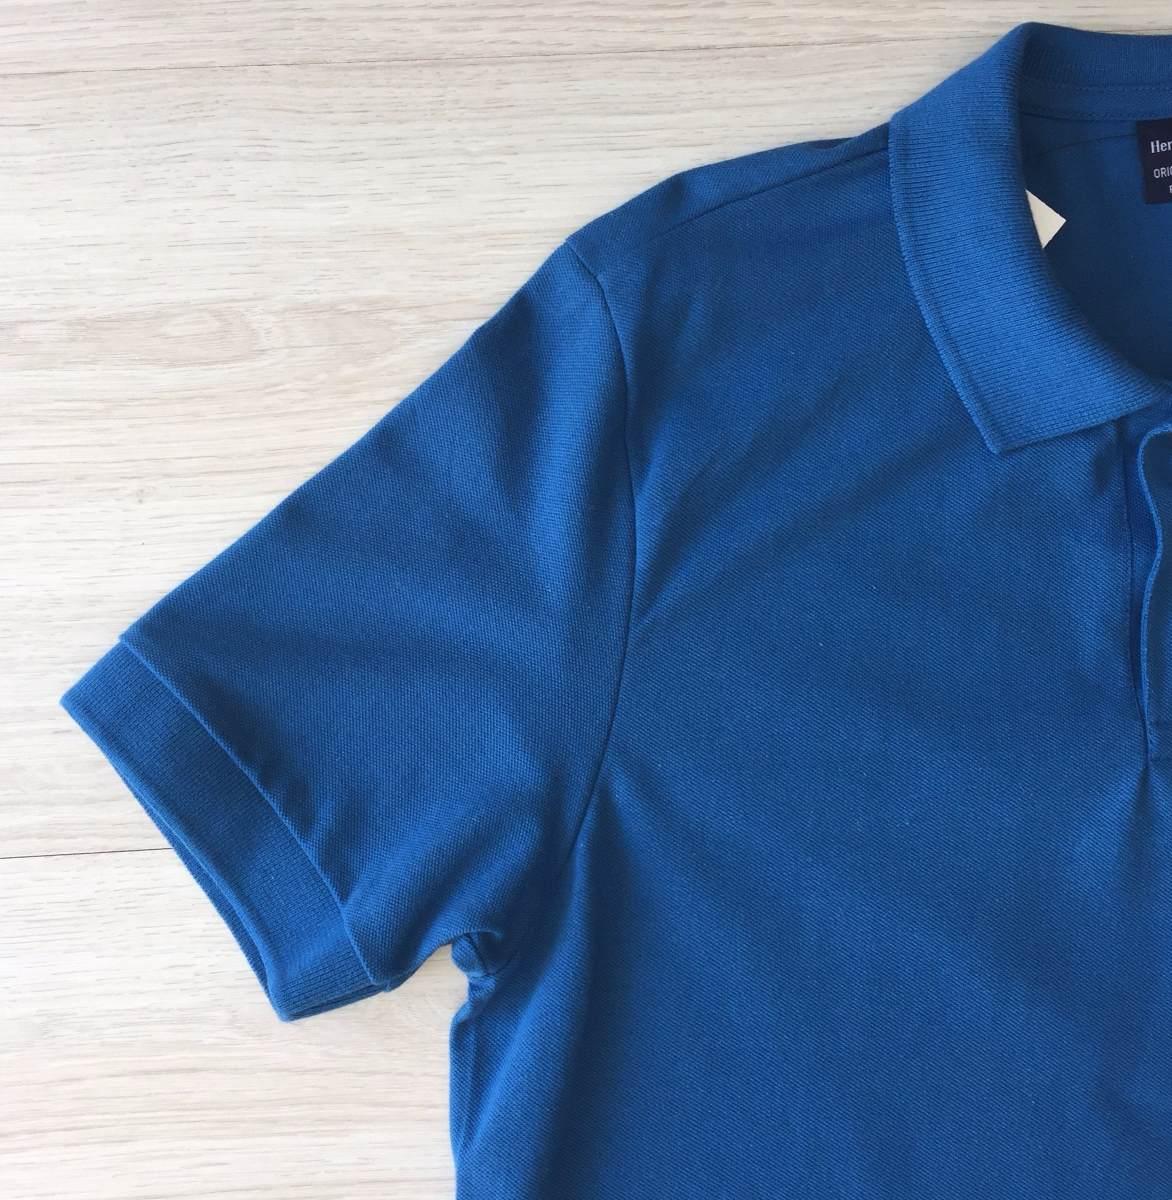 camisa camiseta polo masculina hering em pique 100% algodão. Carregando zoom . 04d9e7d97a852